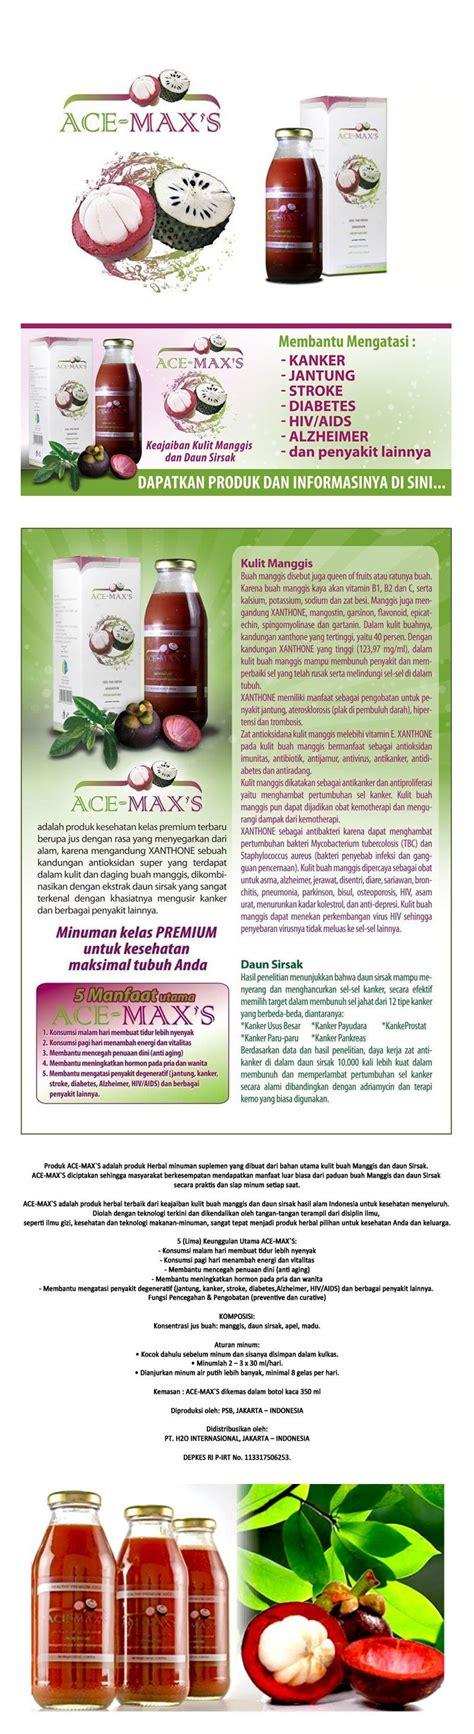 Acemax Original Ace Max Ekstrak Kulit Manggis Daun Sirsak 94 ace max jus extrak daun sirsak dan kulit manggis ace